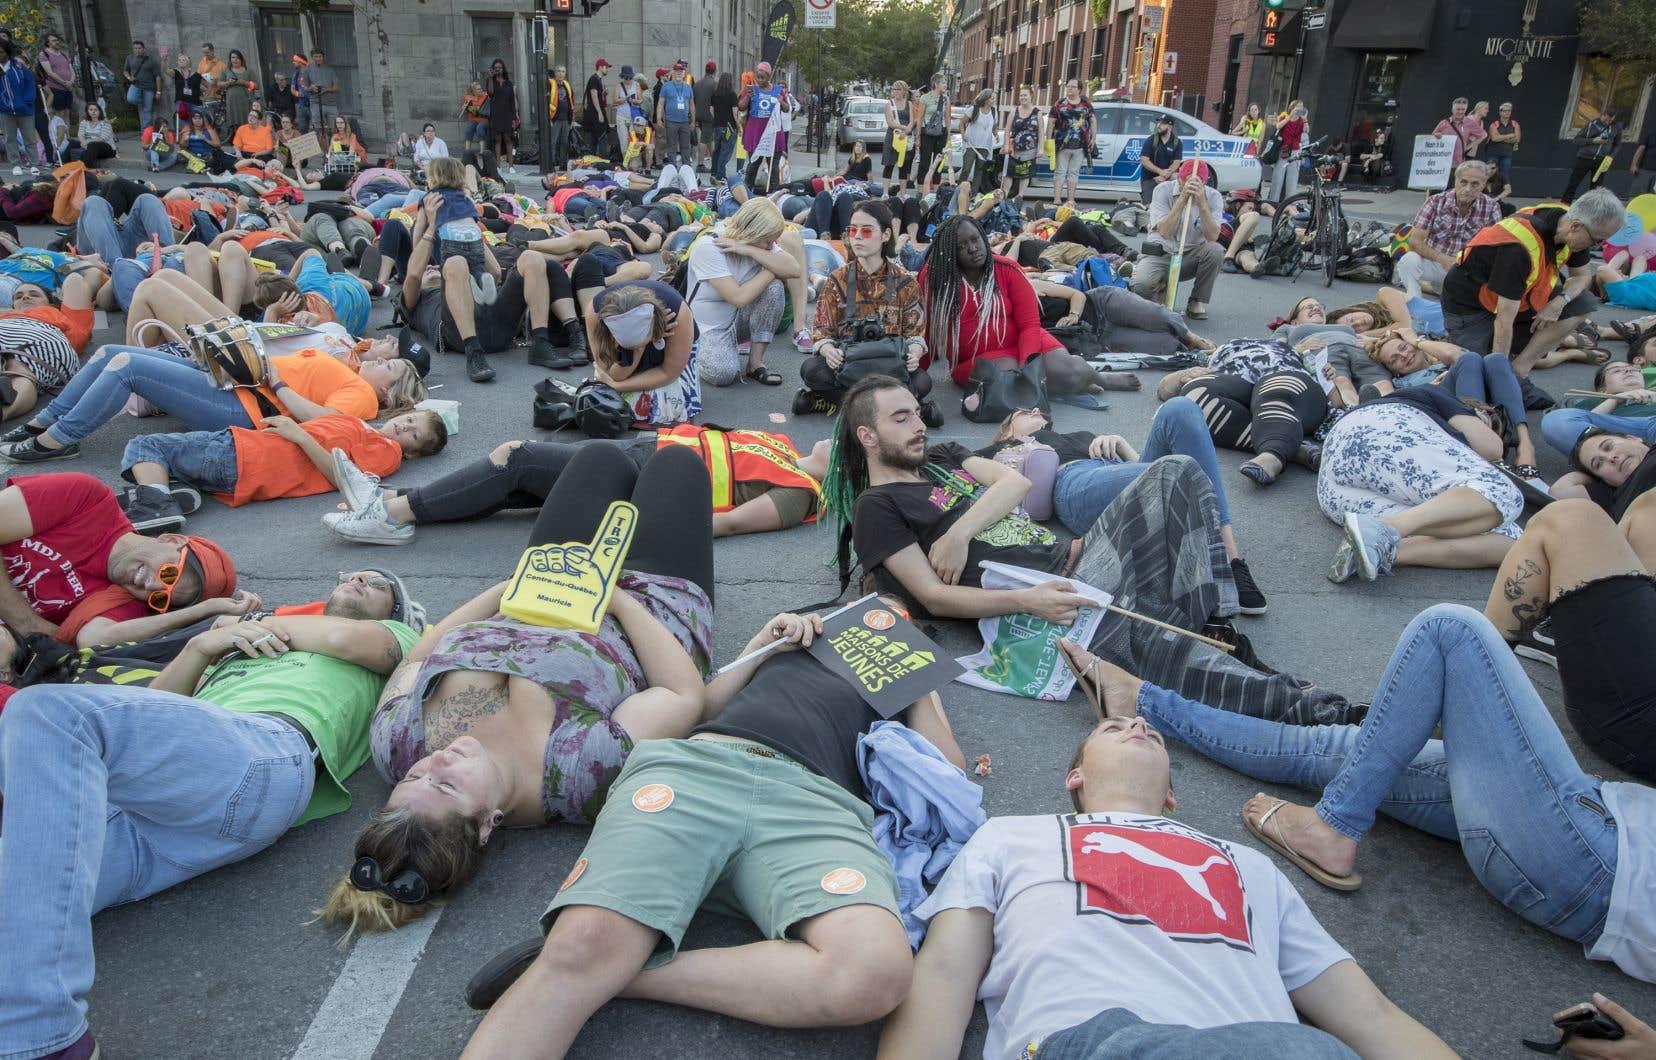 Les groupes ont profité du rassemblement pour tenir un «die-in», une simulation de décès où les personnes présentes se sont étendues sur le sol.